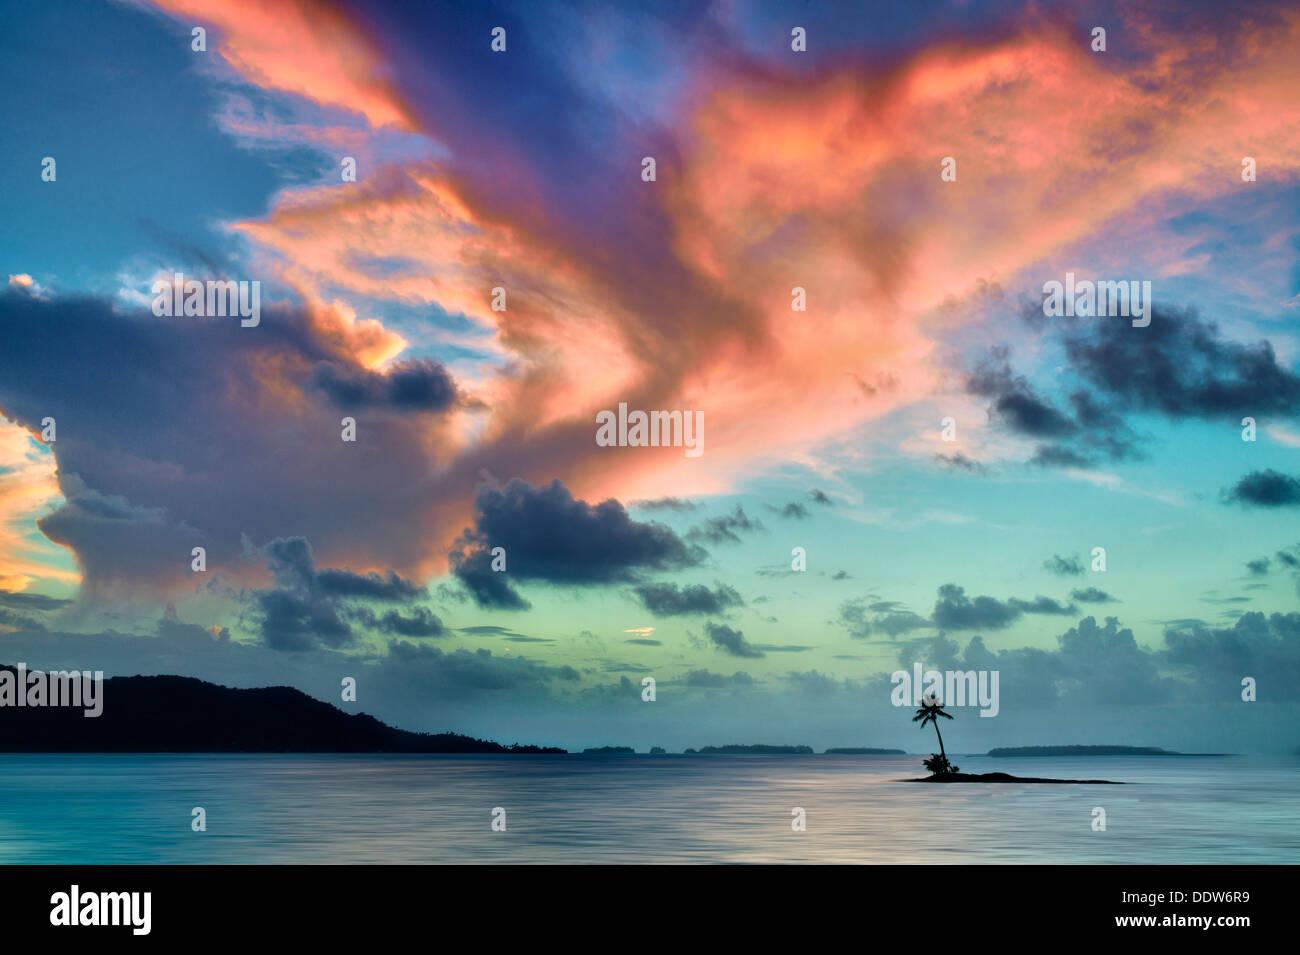 Los pequeños estados insulares y la puesta de sol en Bora Bora. La Polinesia Francesa. Foto de stock